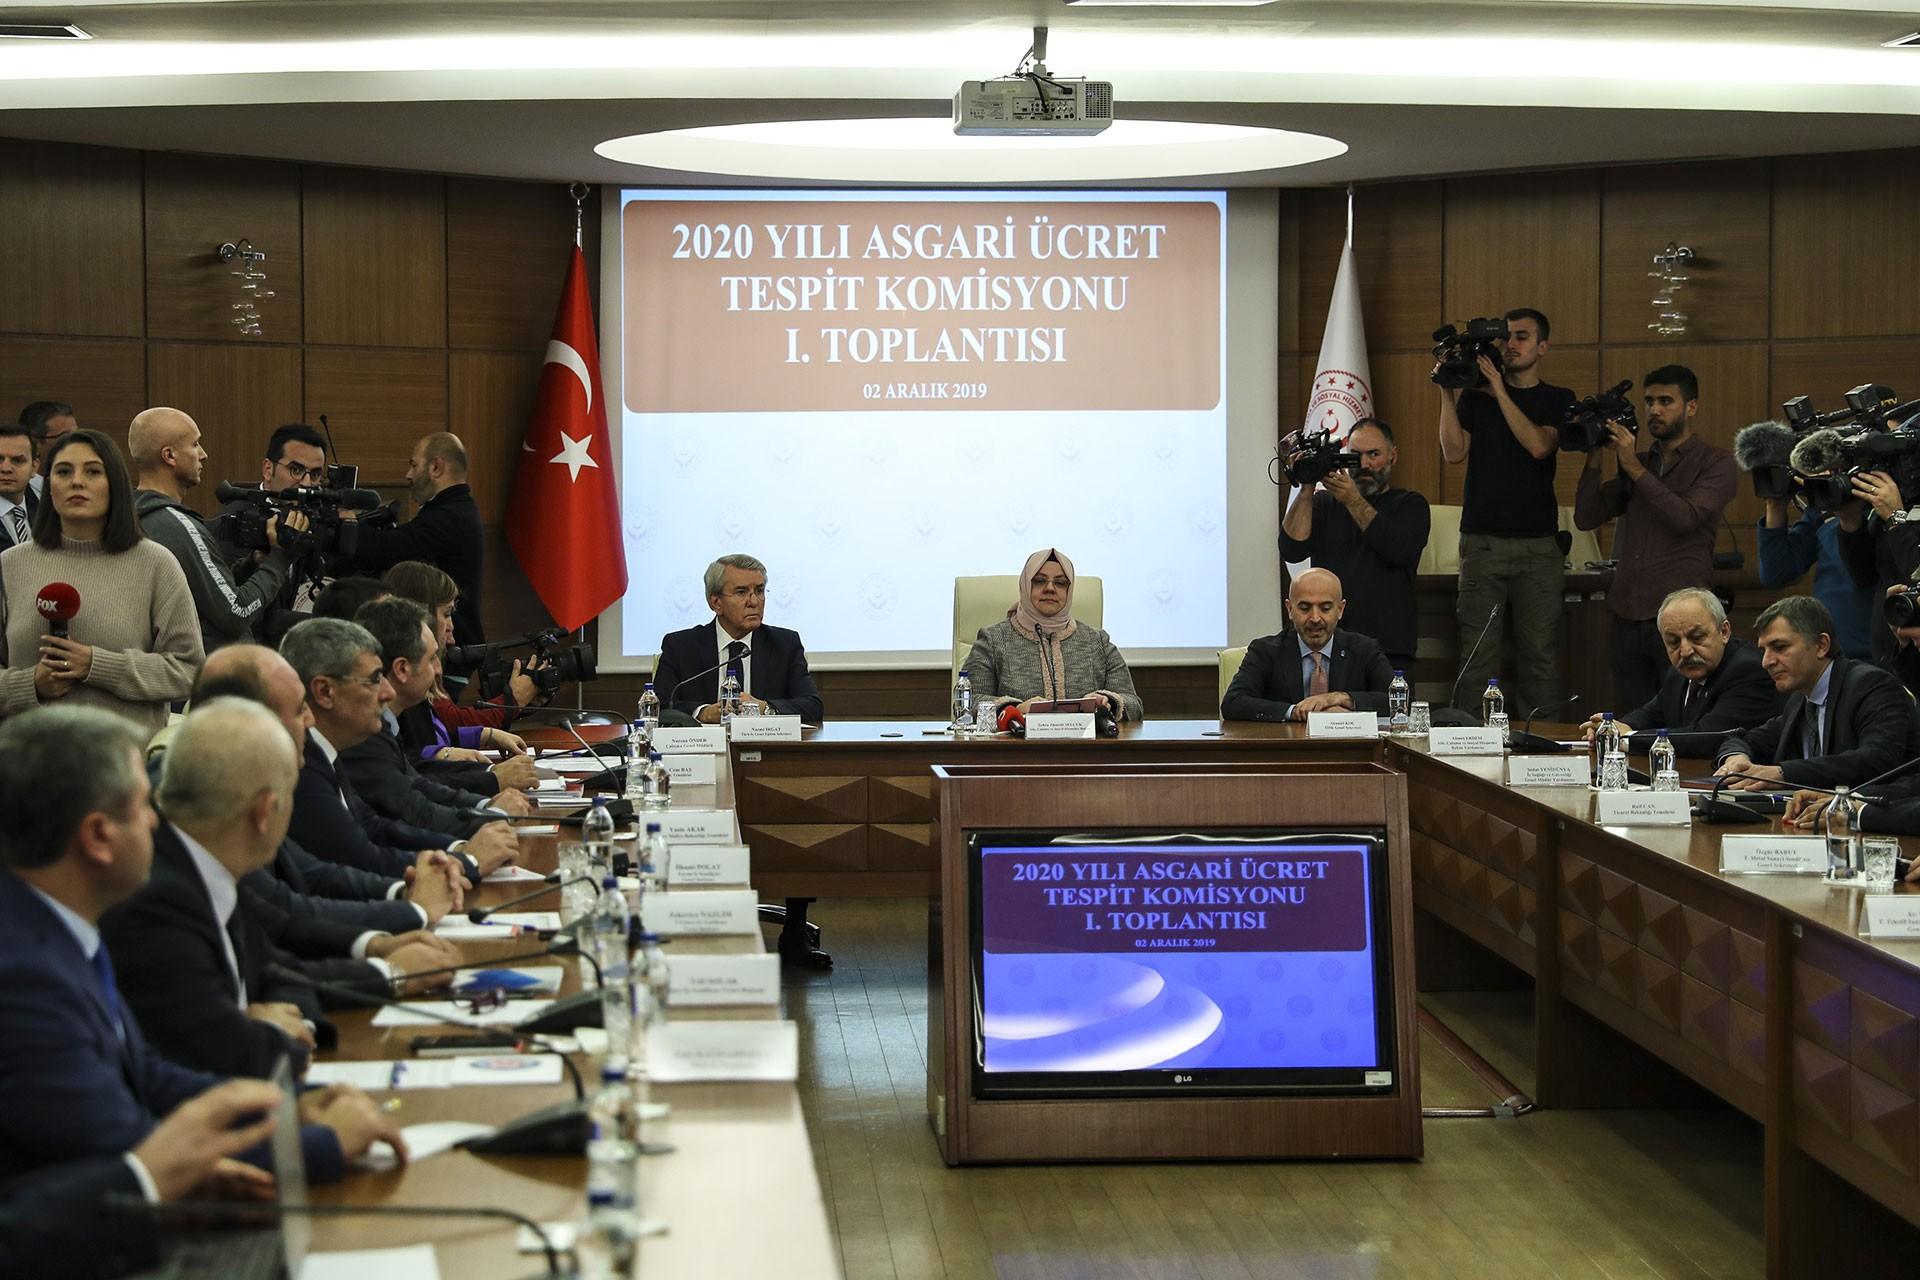 2020 Asgari Ücret Tespit Komisyonu bileşenleri toplantı masasında.